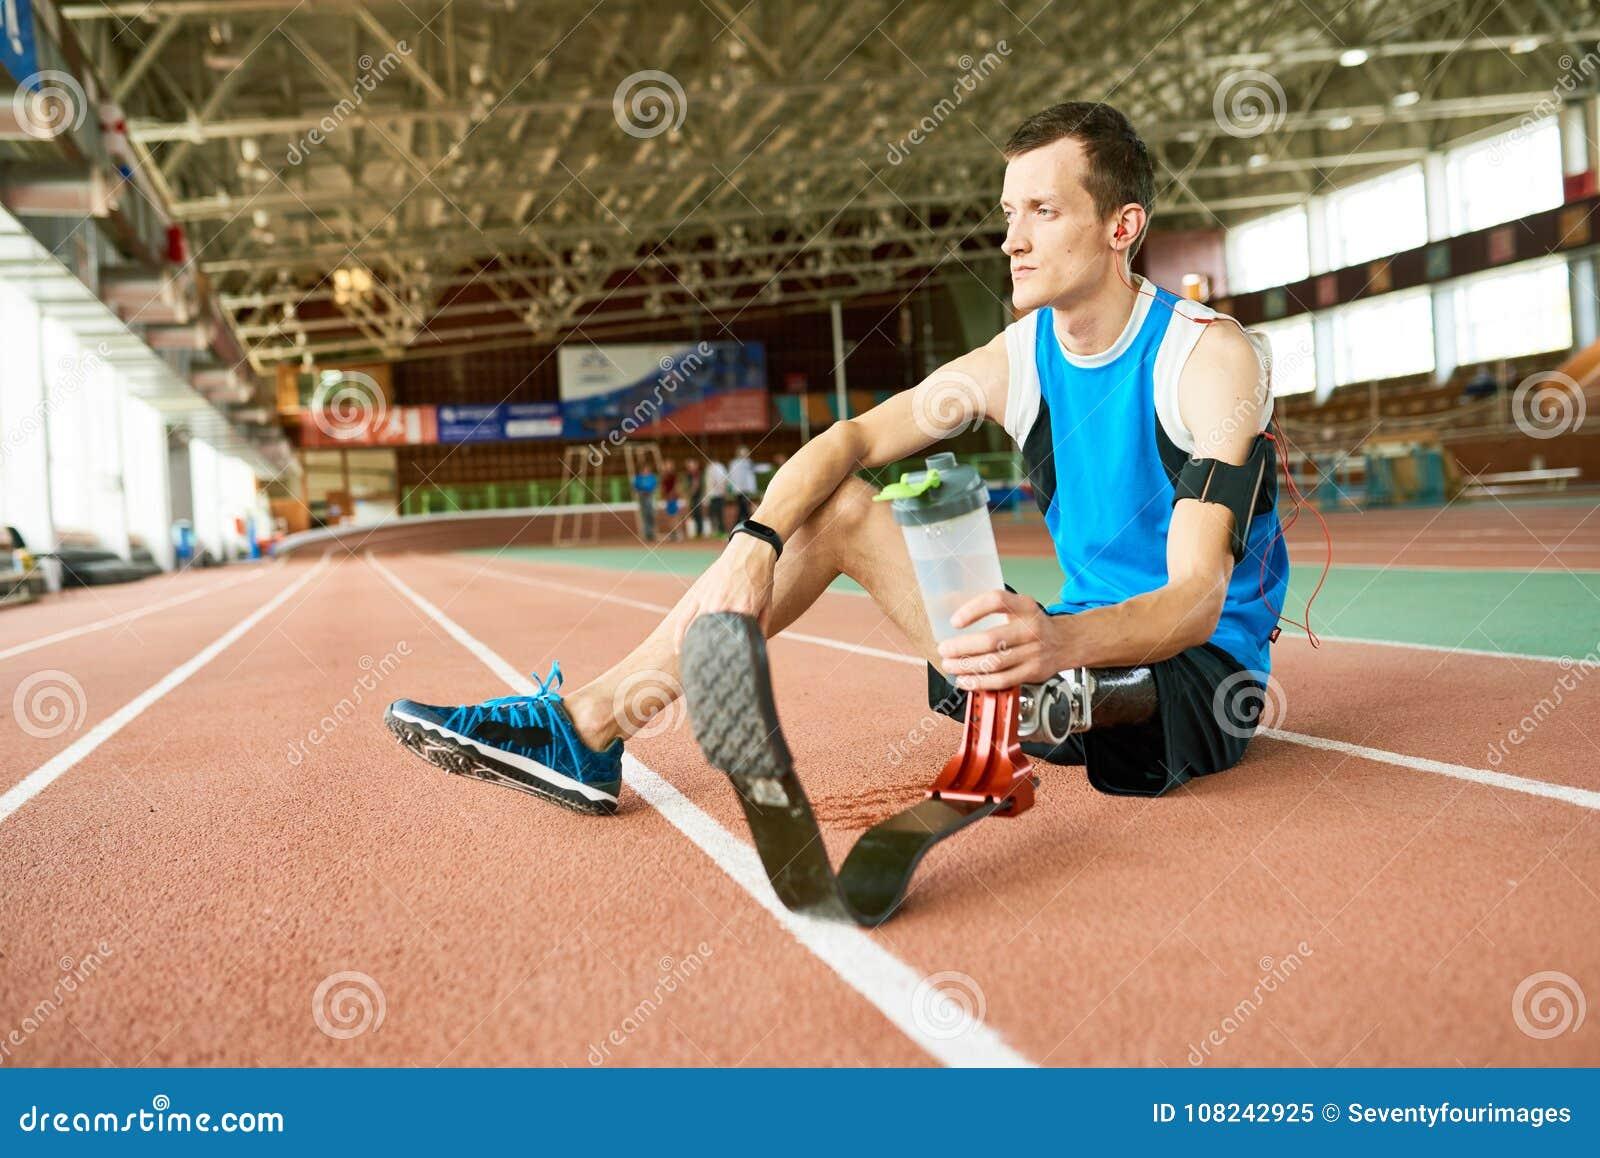 Ανάπηρος αθλητής που στηρίζεται στο τρέξιμο της διαδρομής